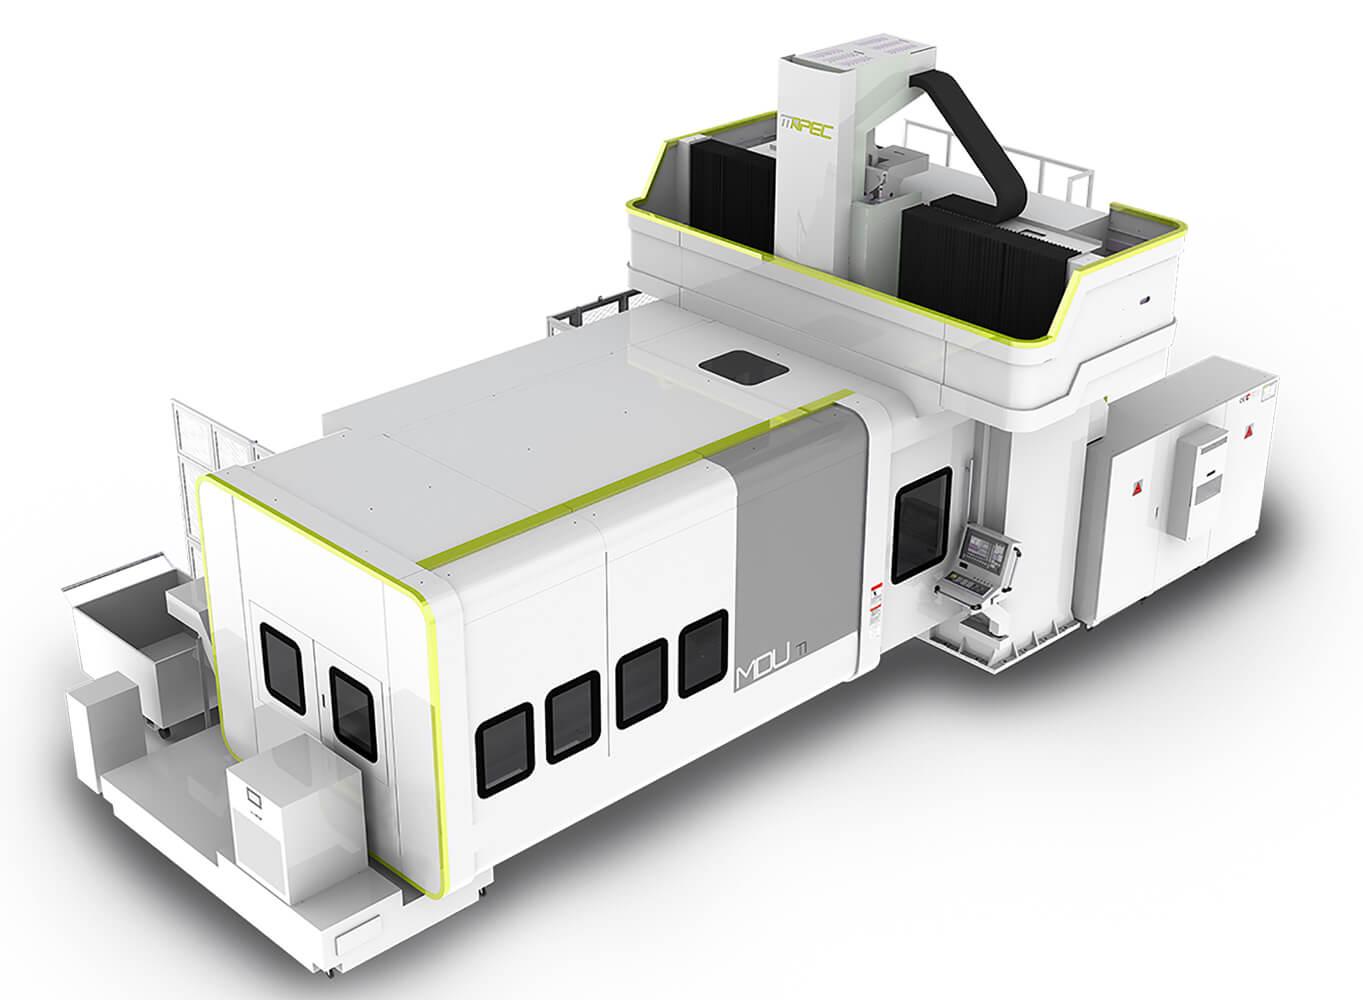 Centre à portique à table mobile APEC MDU-TITAN